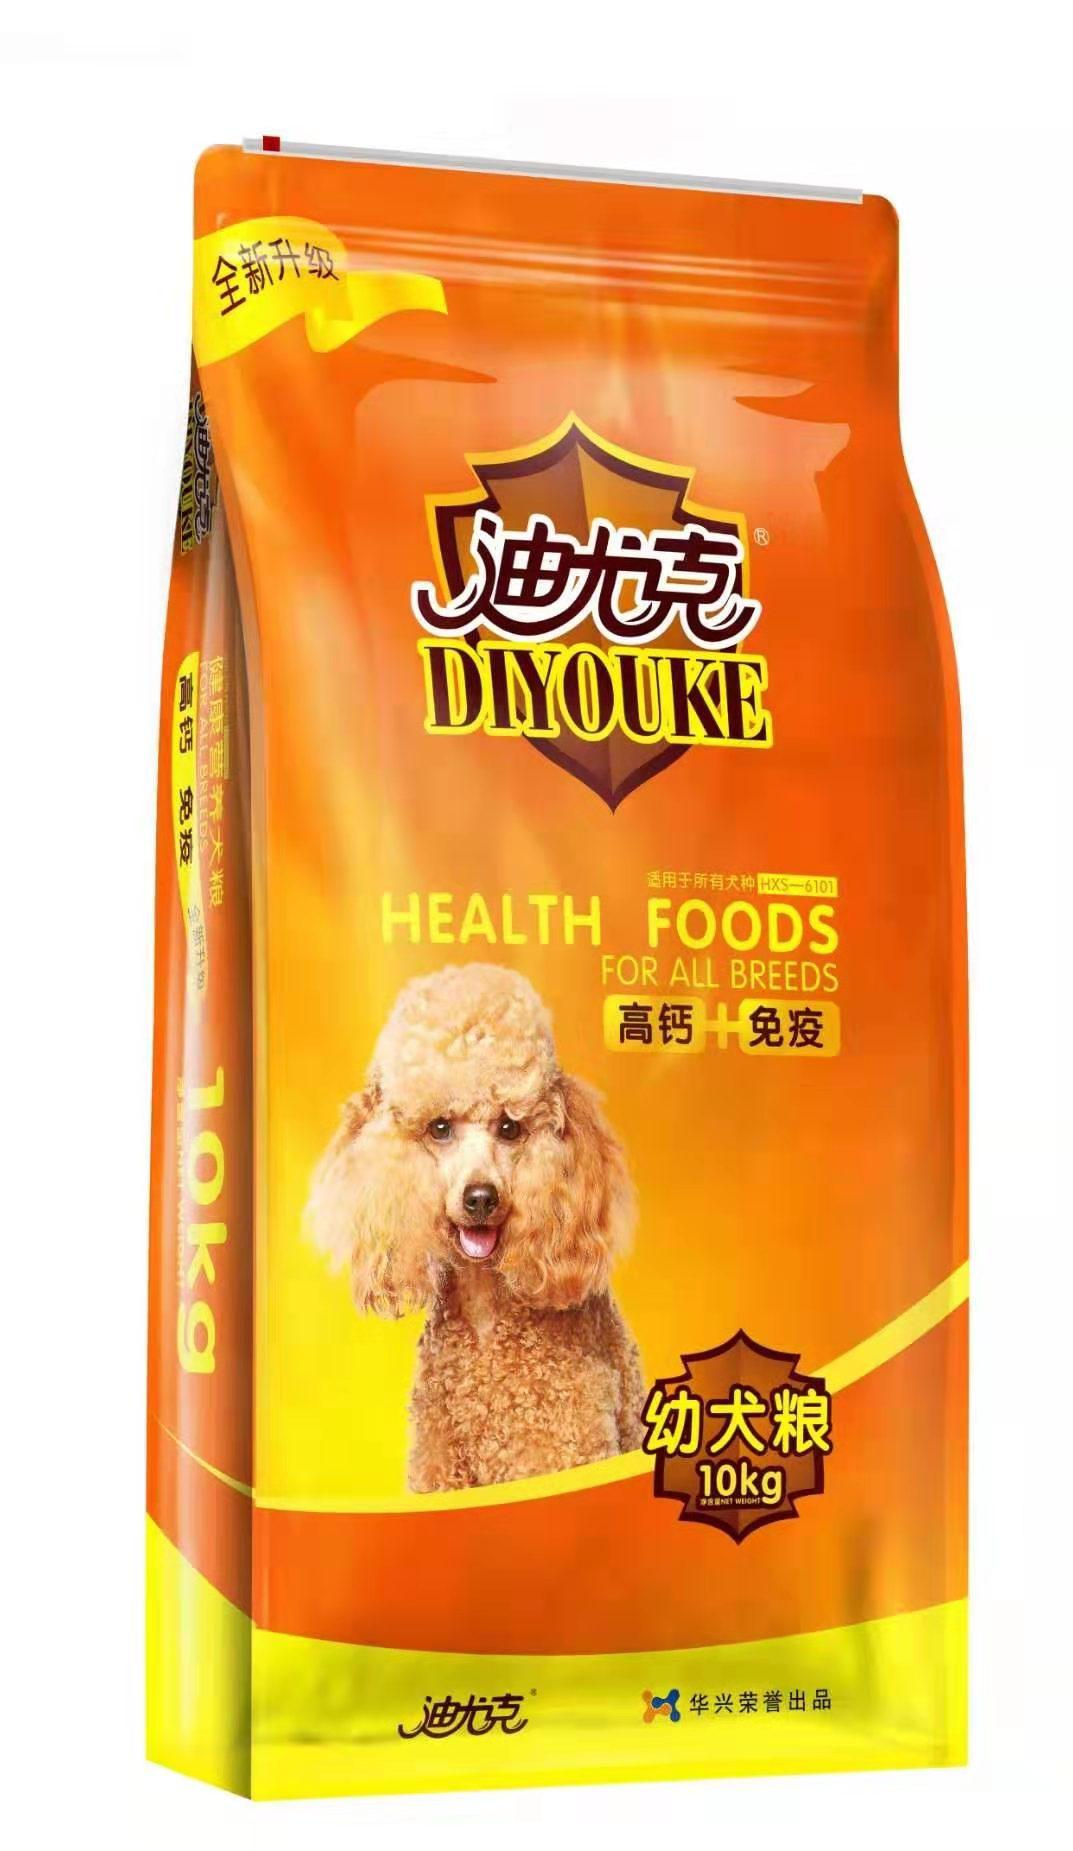 包邮 迪尤克幼犬粮泰迪金毛萨摩耶牧羊犬狗粮10kg 20斤迪优克